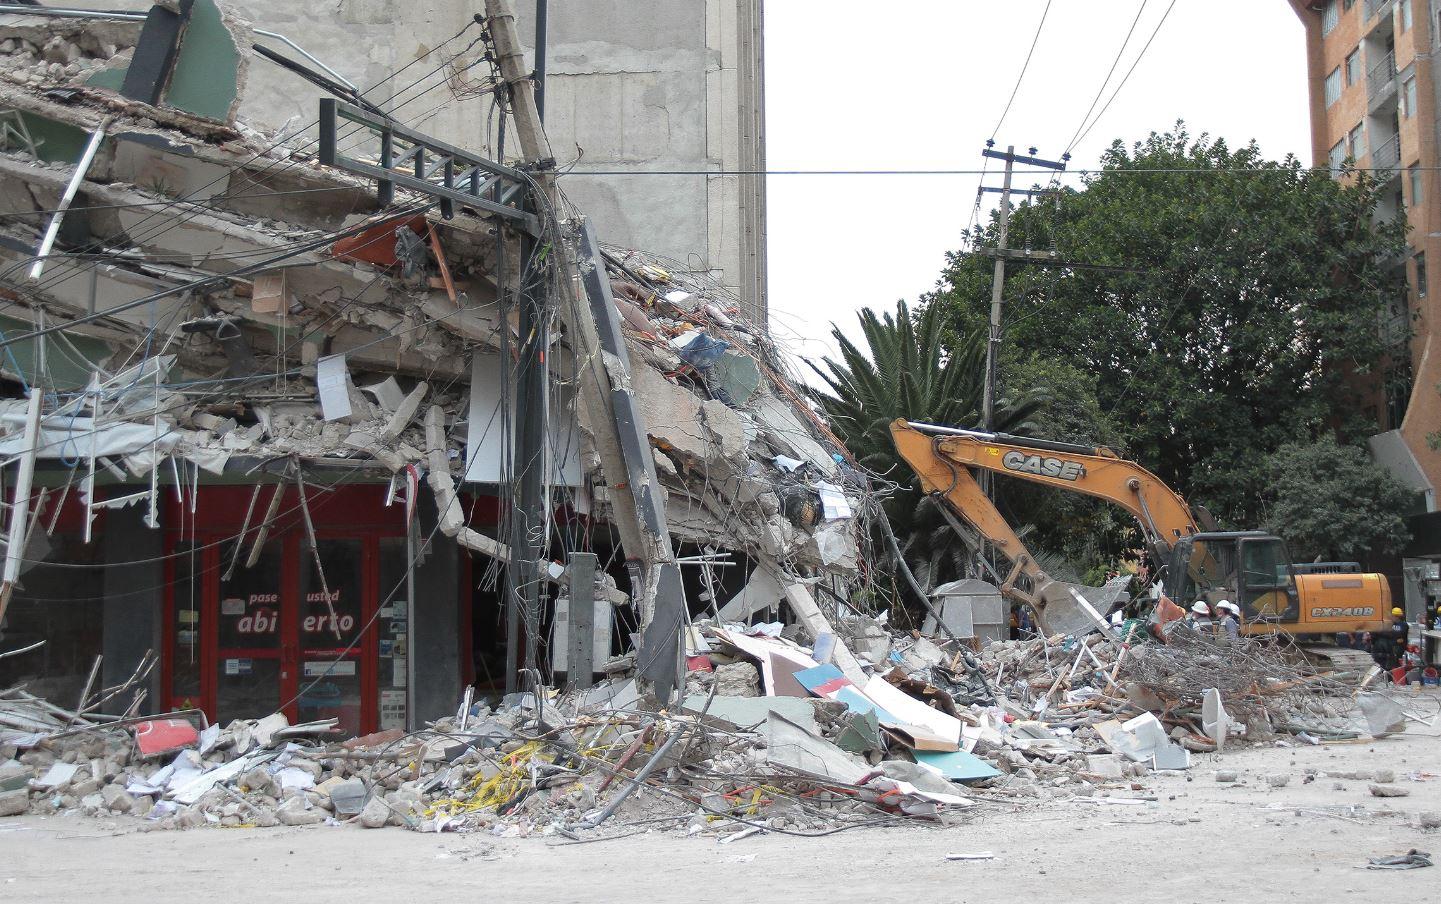 Terremoto en México: le envió emotivo mensaje a su hermano, pero….